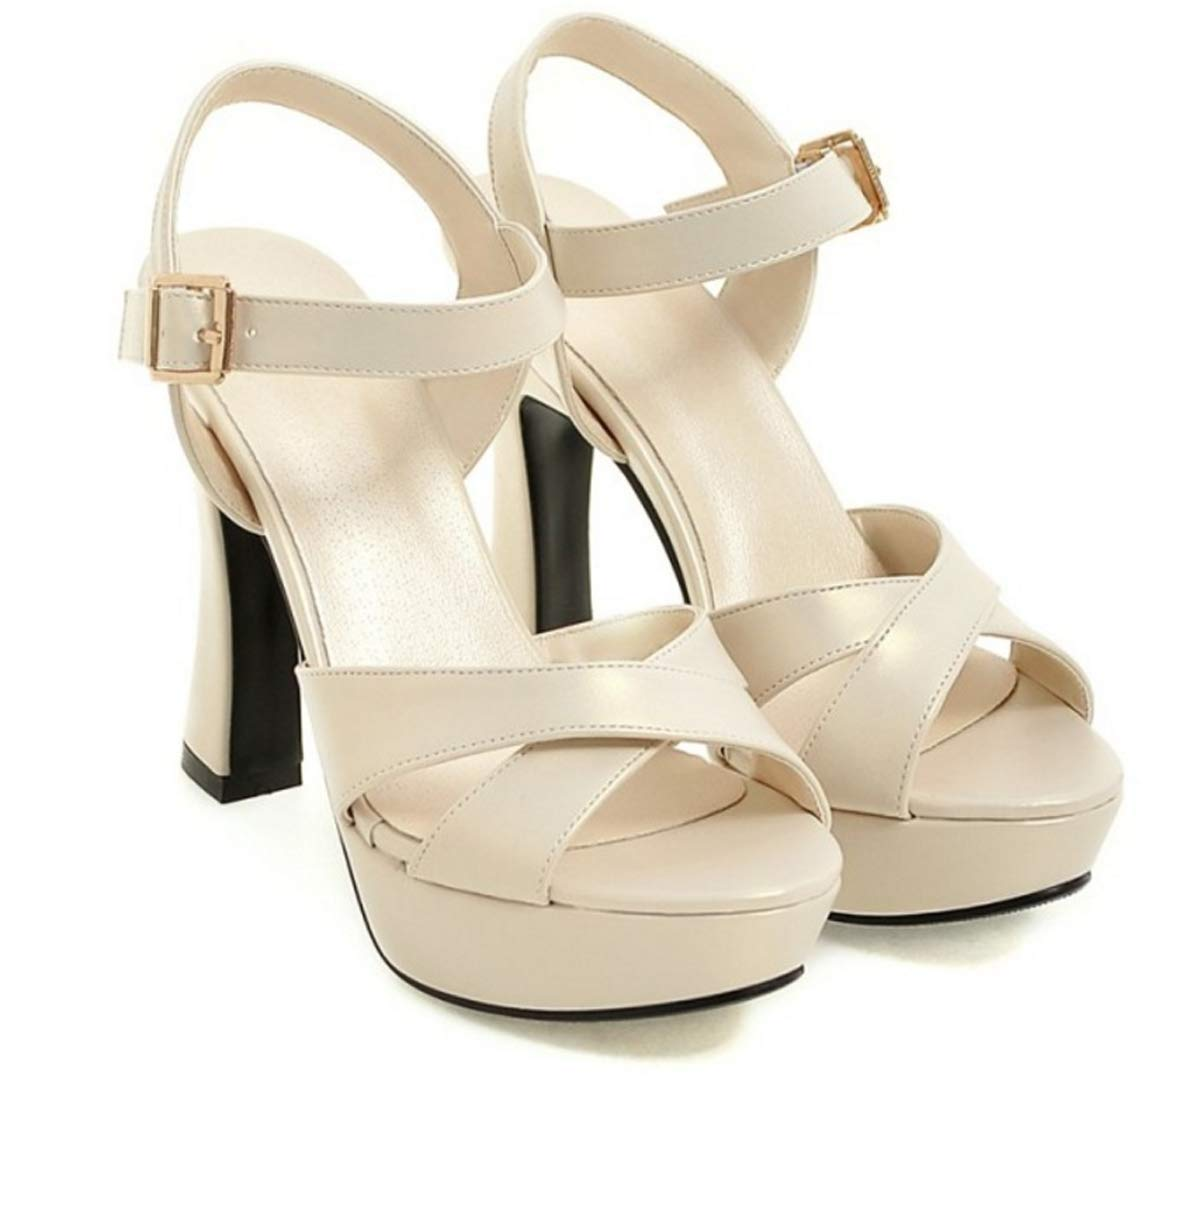 HBDLH Damenschuhe/Im Sommer 11Cm High Heels Die Die Sandaleen Schwere Wasserdichte Tabellen Faltet Die Damenschuhe Rom Schuhe.